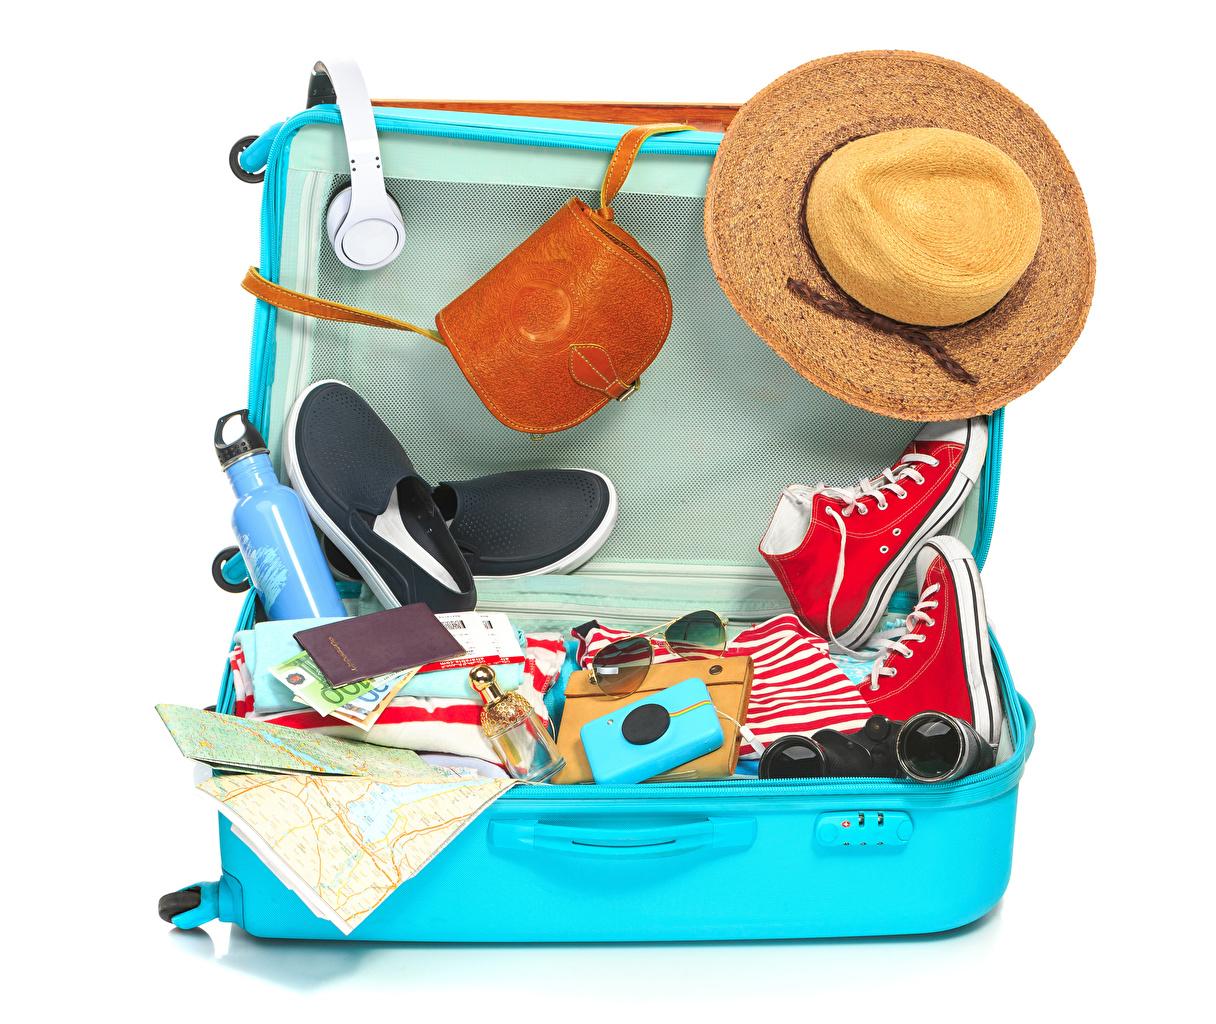 Photos Tourism Headphones Plimsoll shoe Hat Suitcase Handbag White background purse